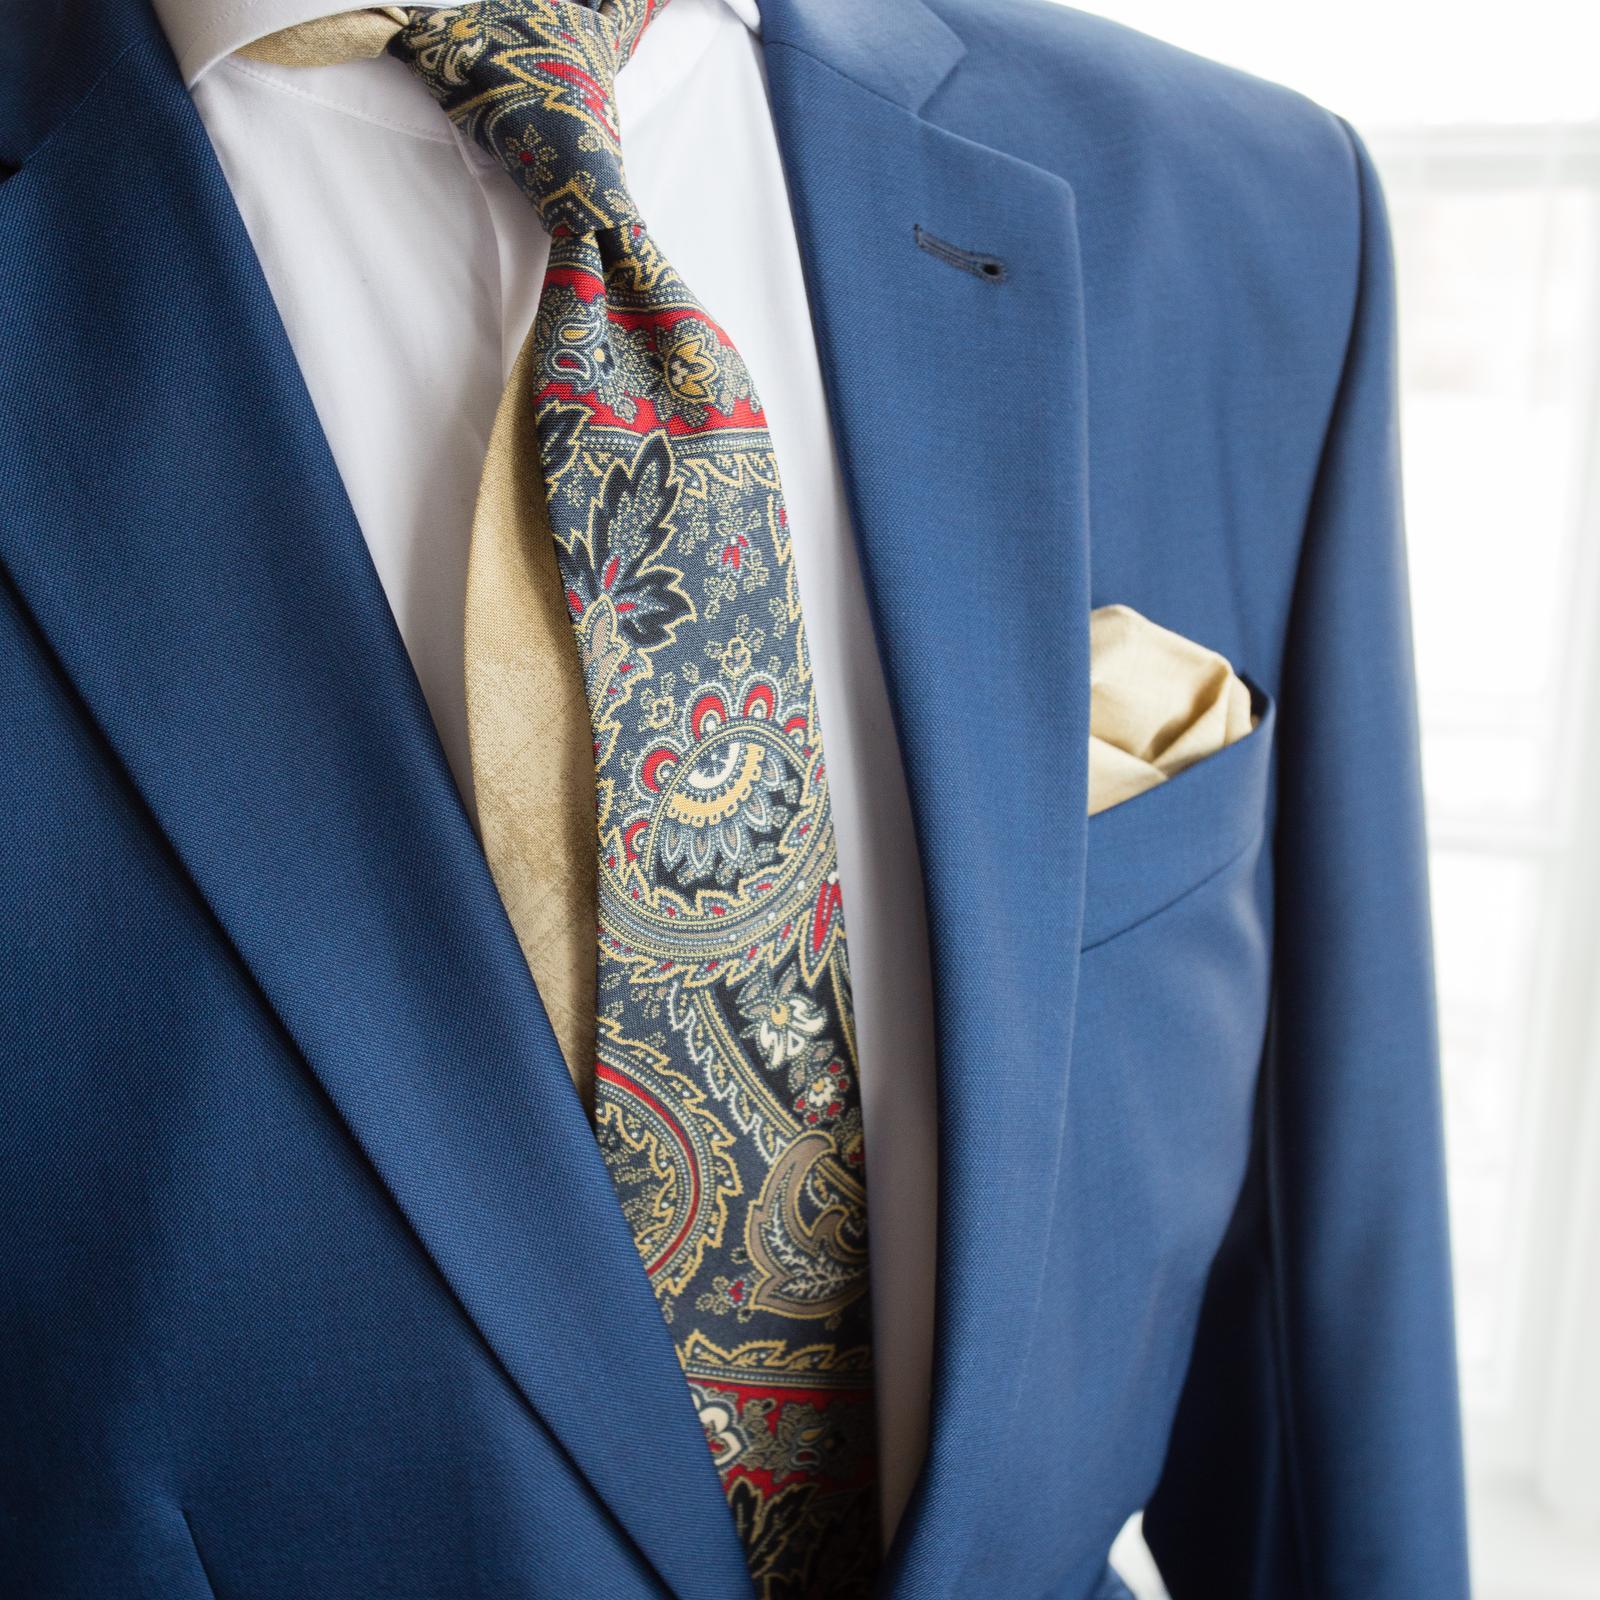 bubibubi_ties - Modrá kravata s paisley vzorem.